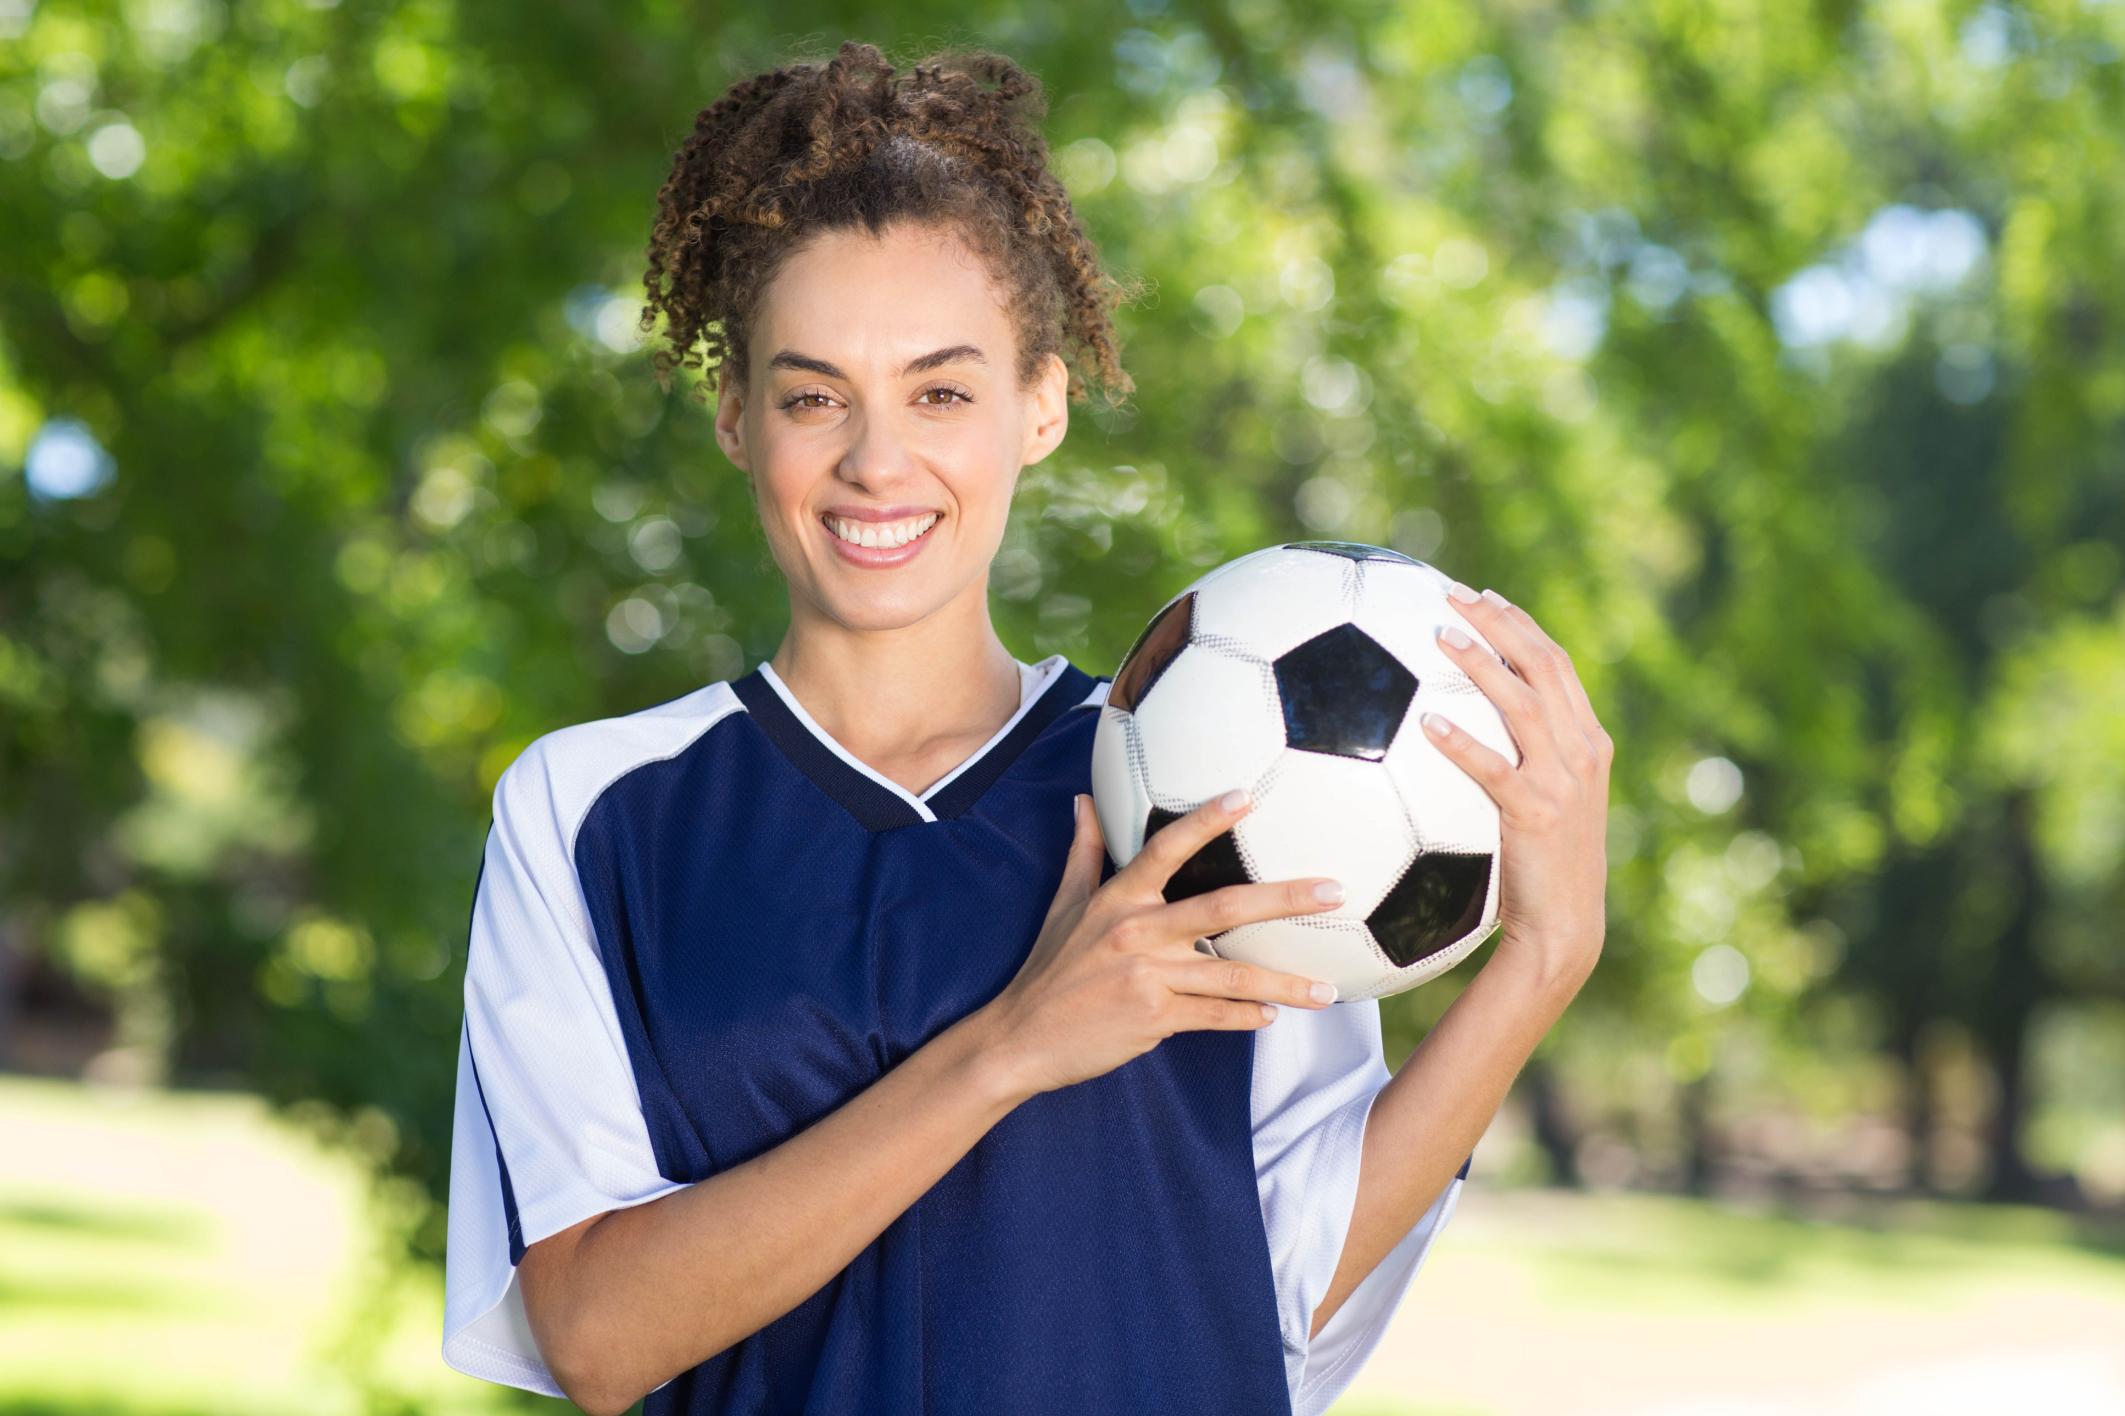 мотивы выбора вида спорта студентам: